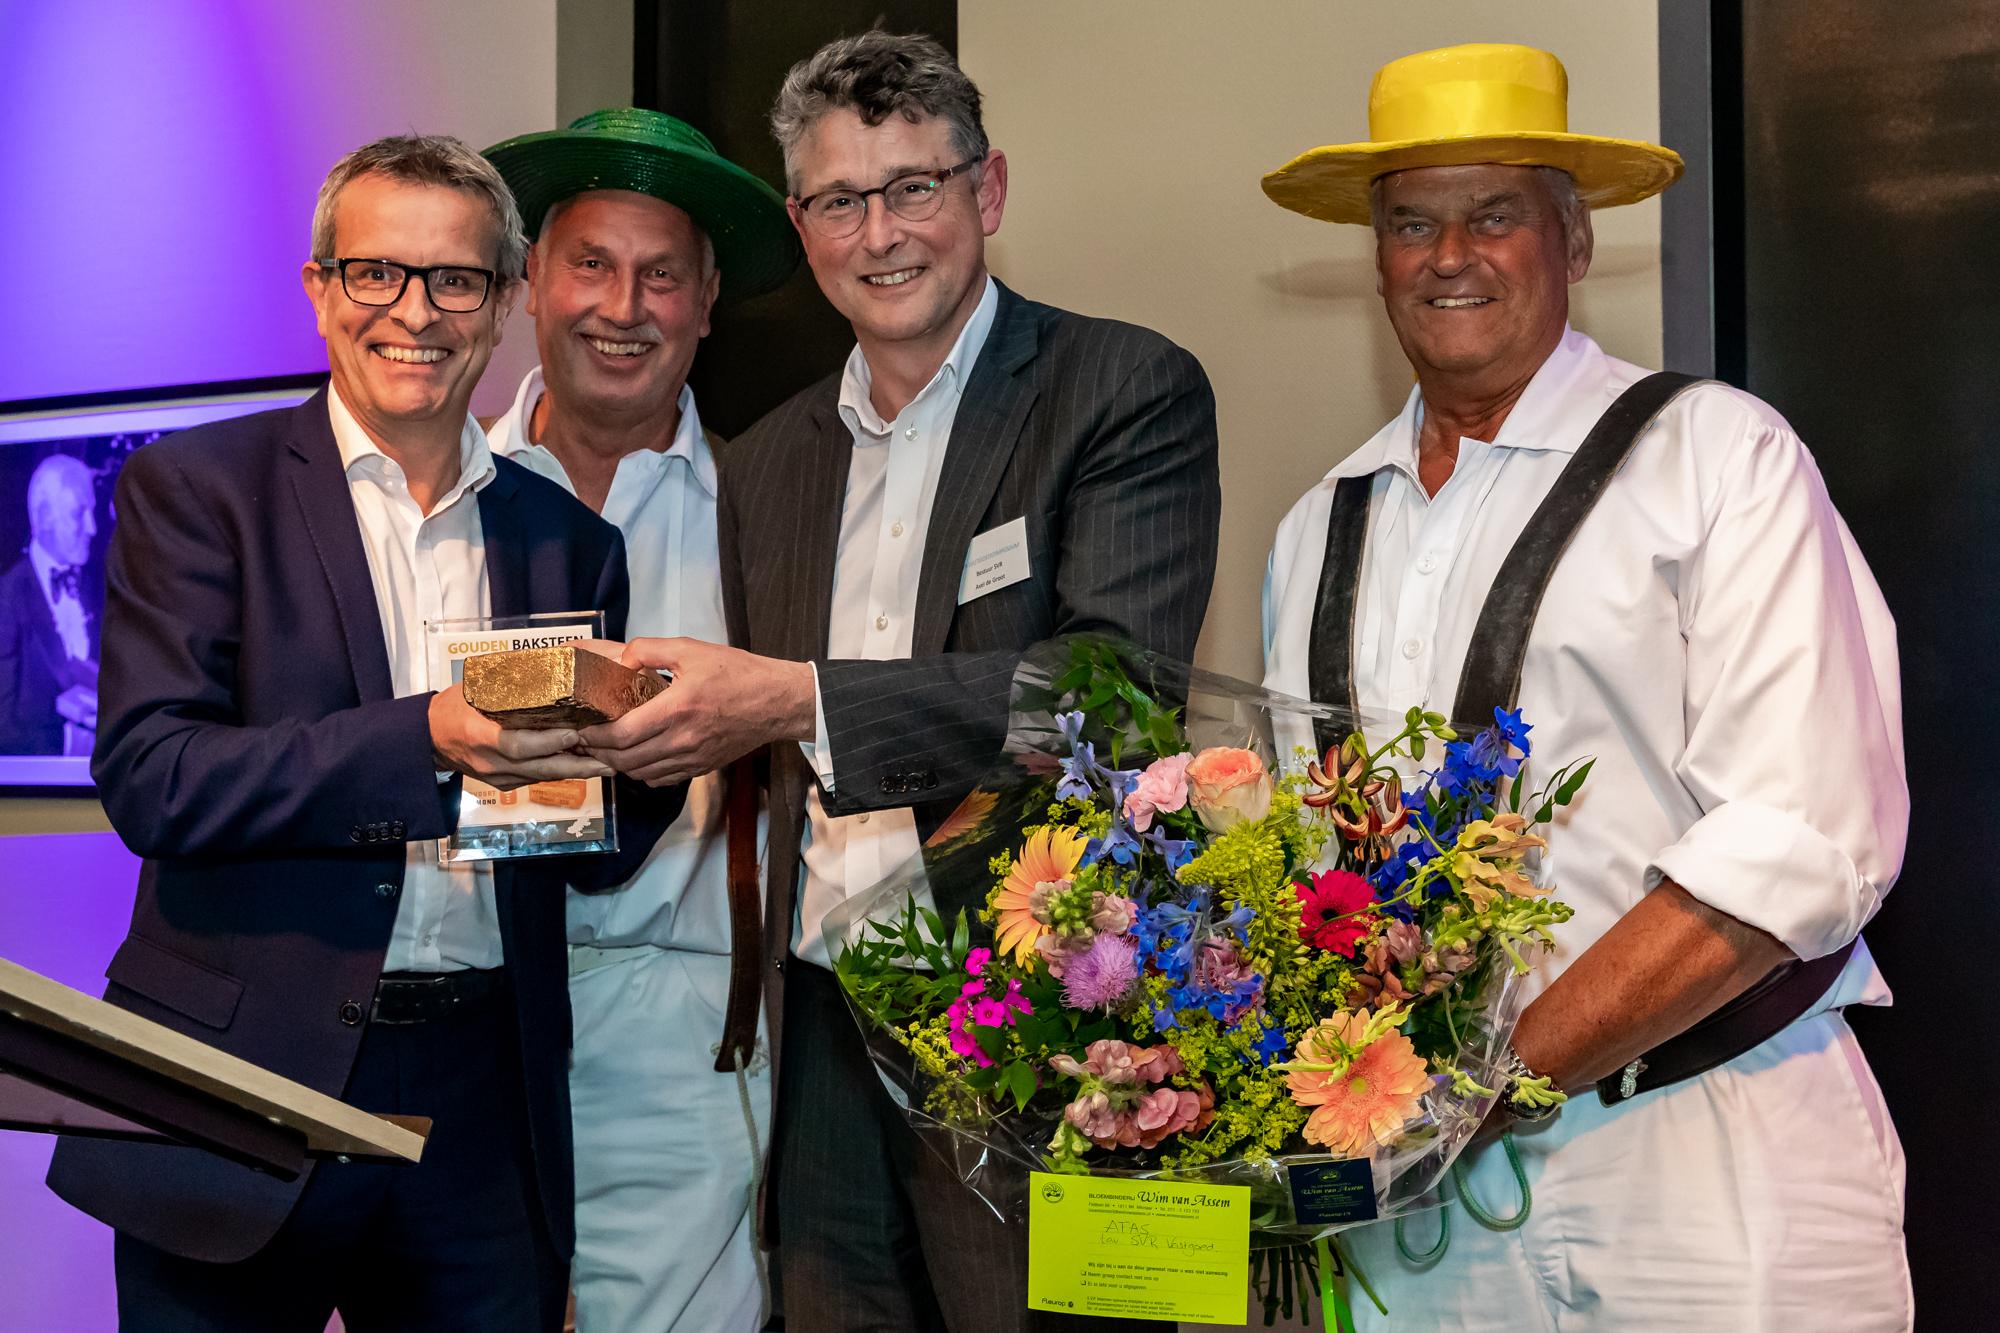 De Gouden Baksteen is donderdag 14 juni uitgereikt aan Tervoort Egmond. (Foto: aangeleverd)